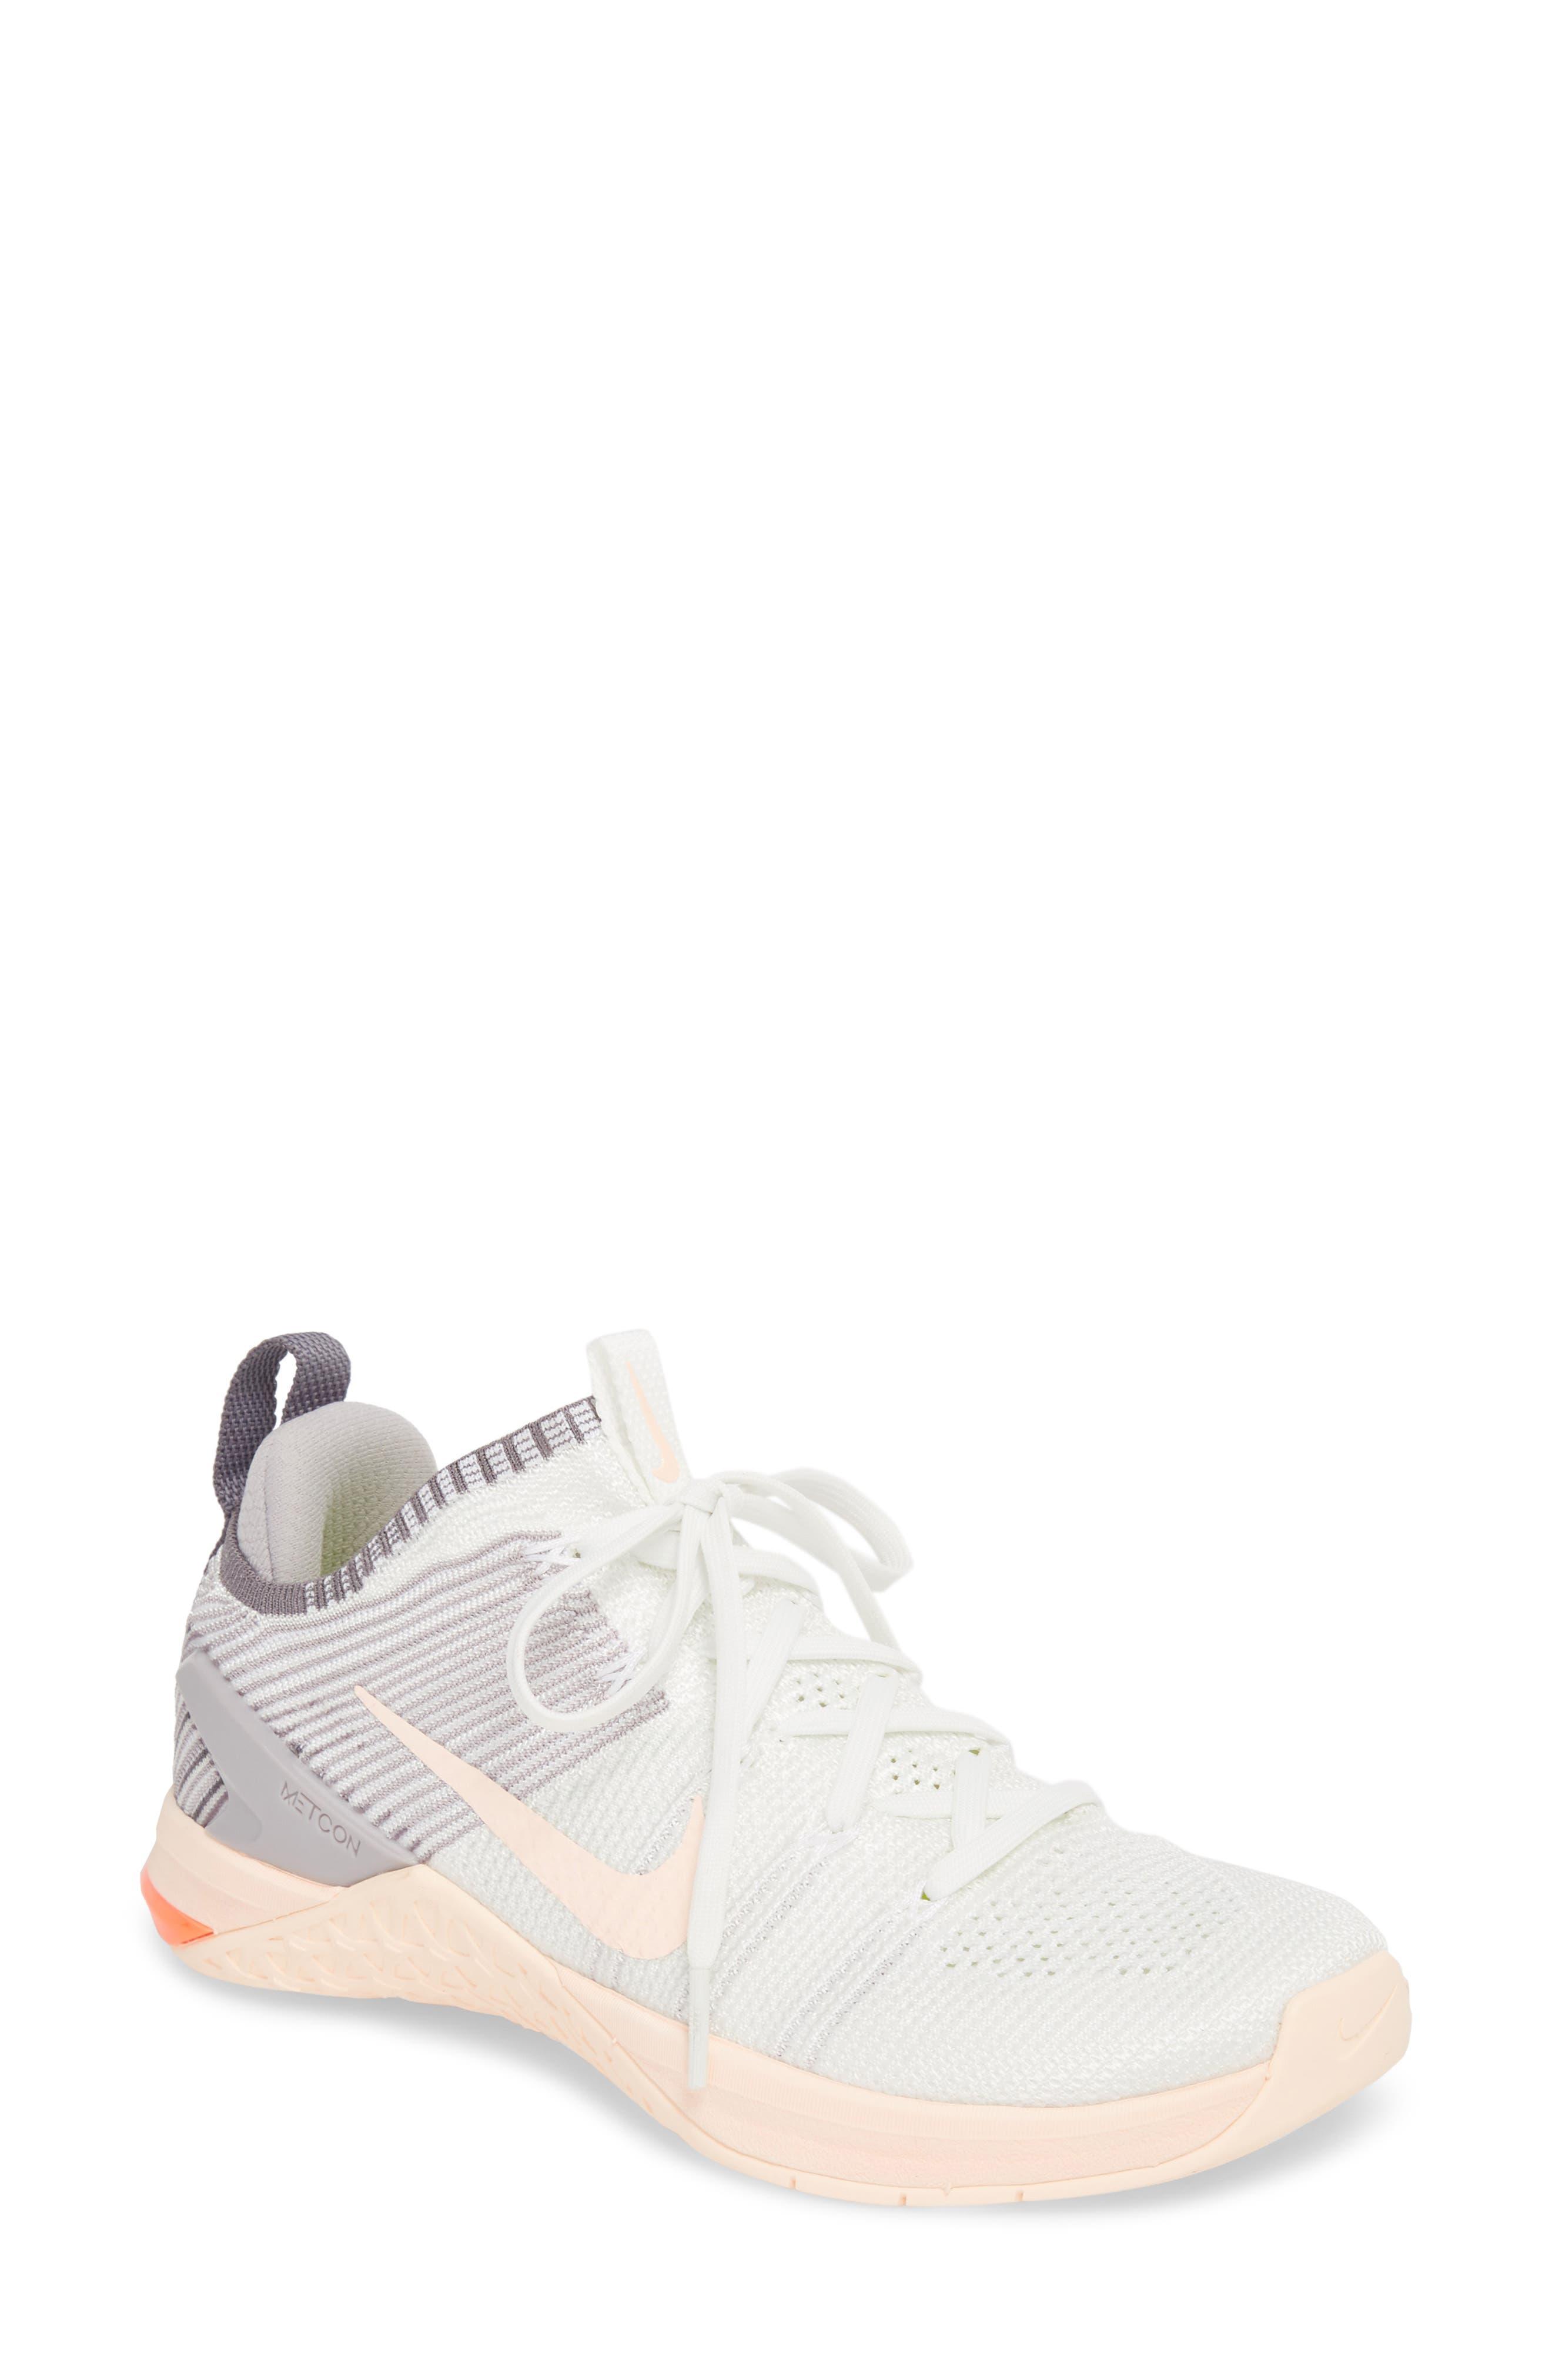 Main Image - Nike Metcon DSX Flyknit 2 Training Shoe (Women)